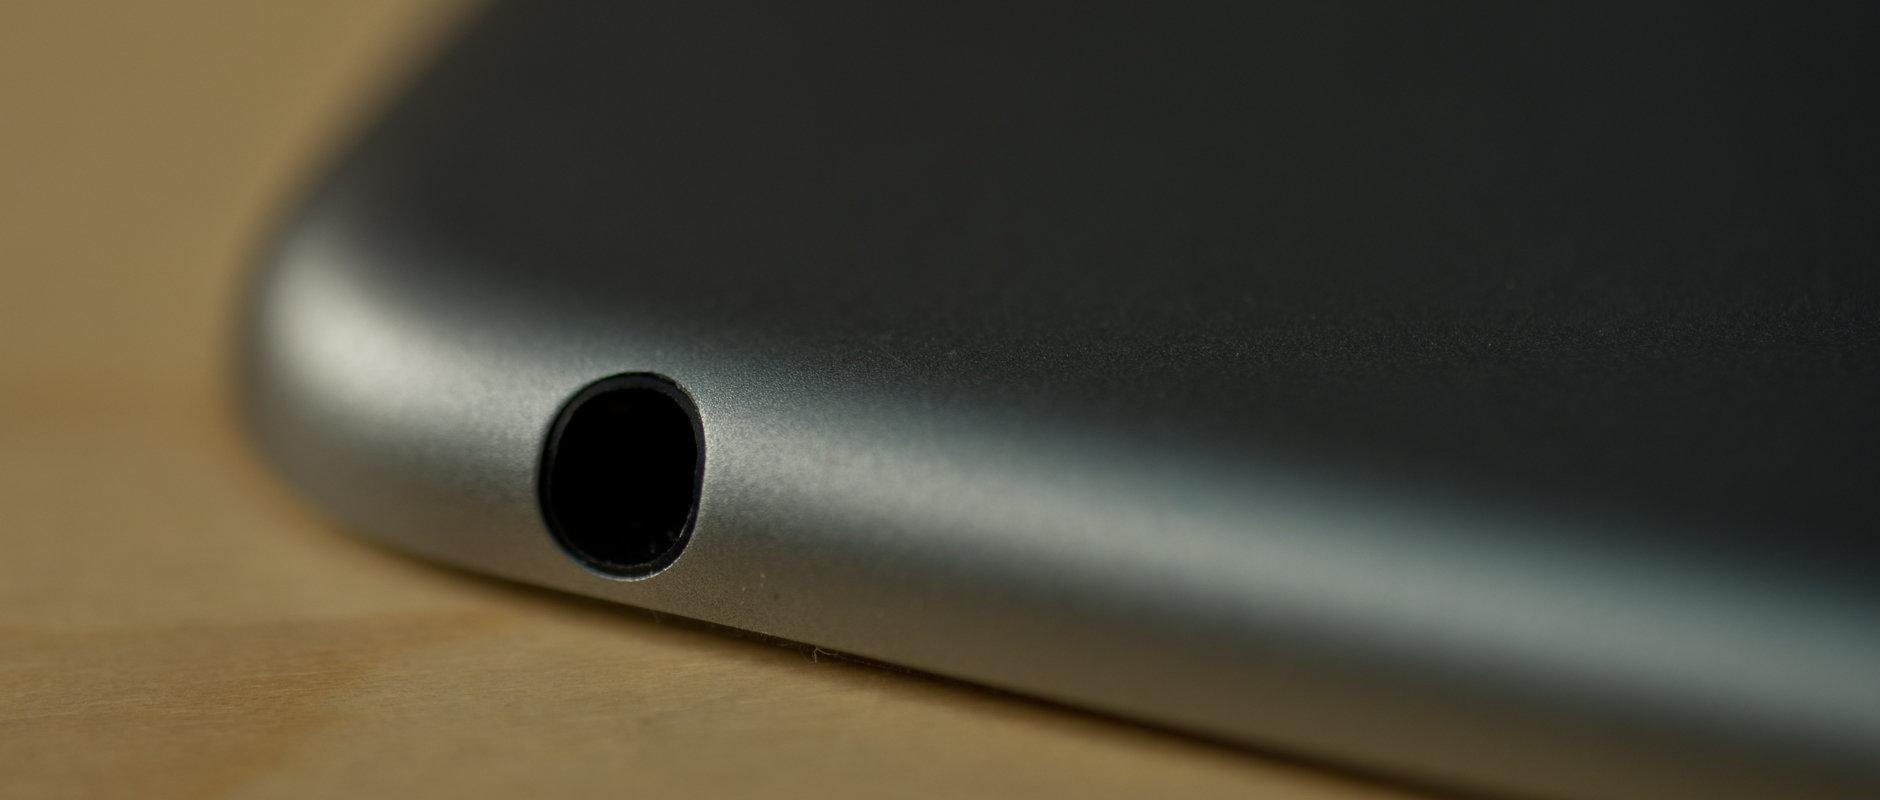 A photograph of the Apple iPad Air 2's headphone jack.